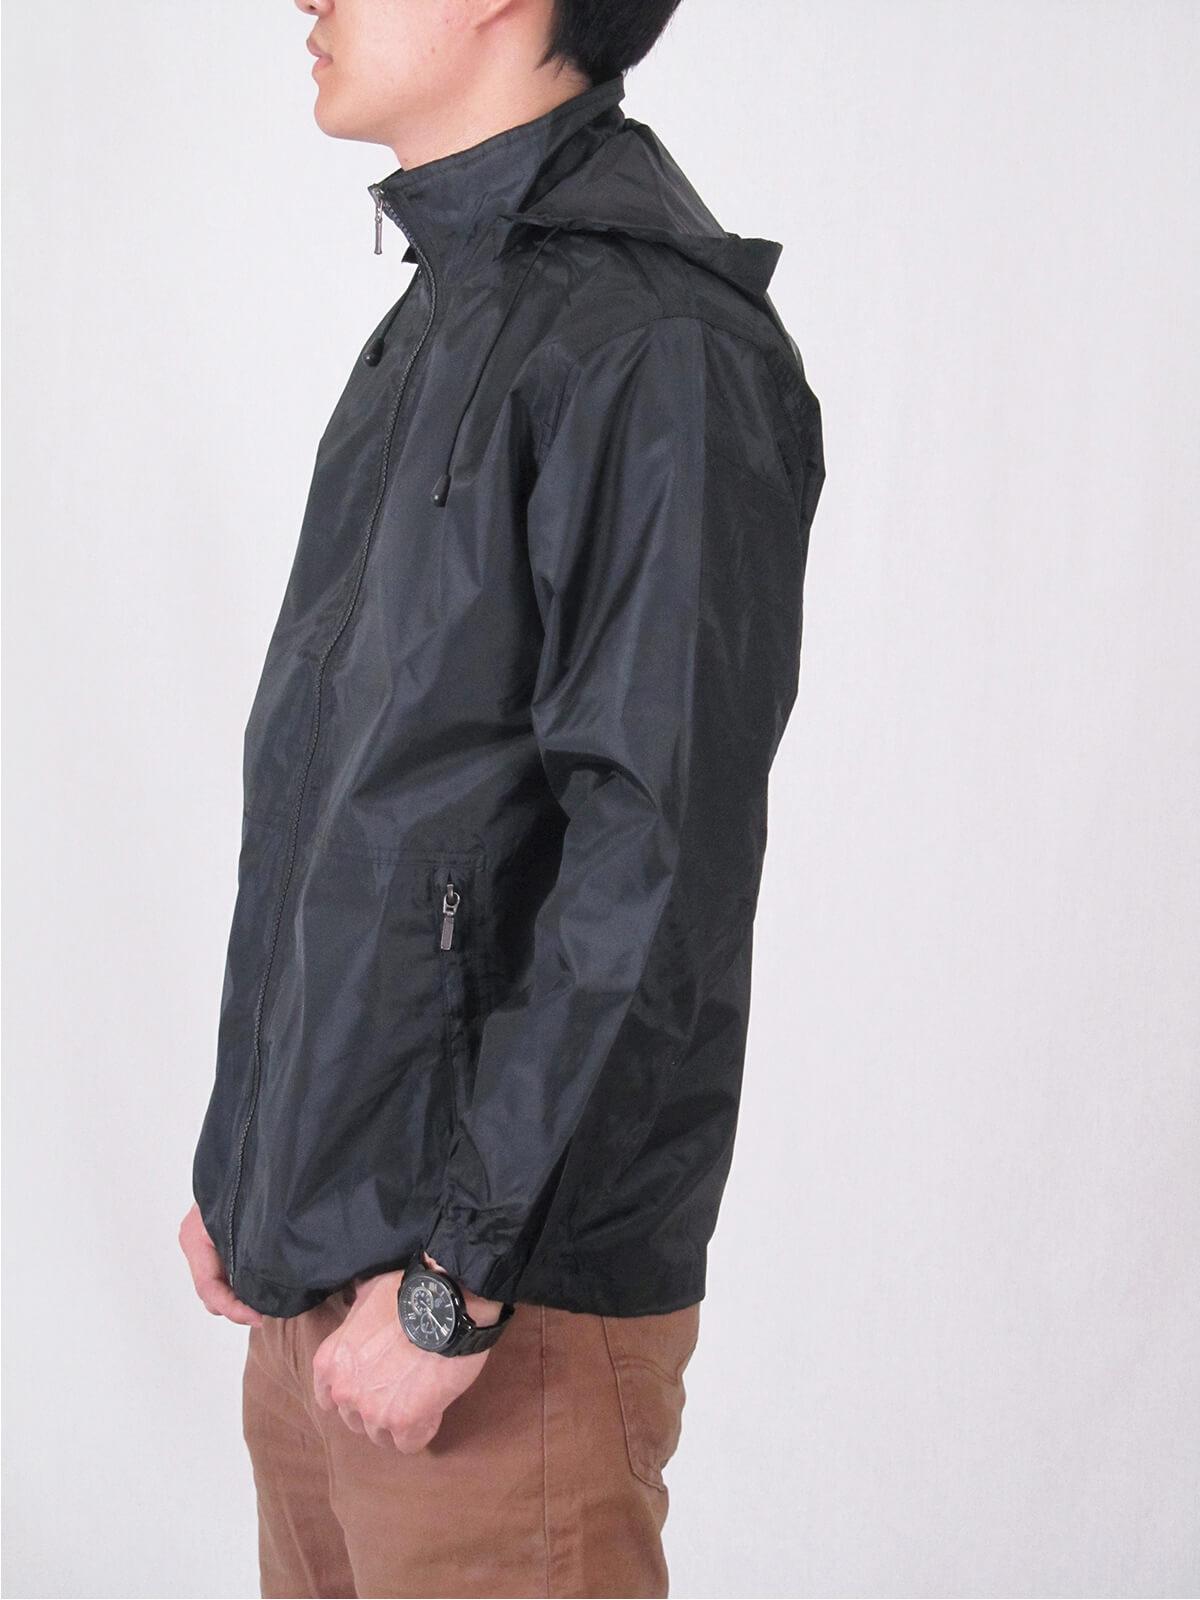 加大尺碼抗紫外線防曬薄外套 防風防潑水休閒外套 抗UV機能布料素面外套 遮陽外套 附帽可拆 風衣外套 輕量薄外套 ANTI-UV THIN COAT JACKET (321-8816-01)黑色、(321-8816-02)深藍色、(321-8816-03)紅色 M L XL 2L 3L 4L 5L(胸圍:45~57英吋) [實體店面保障] sun-e 3